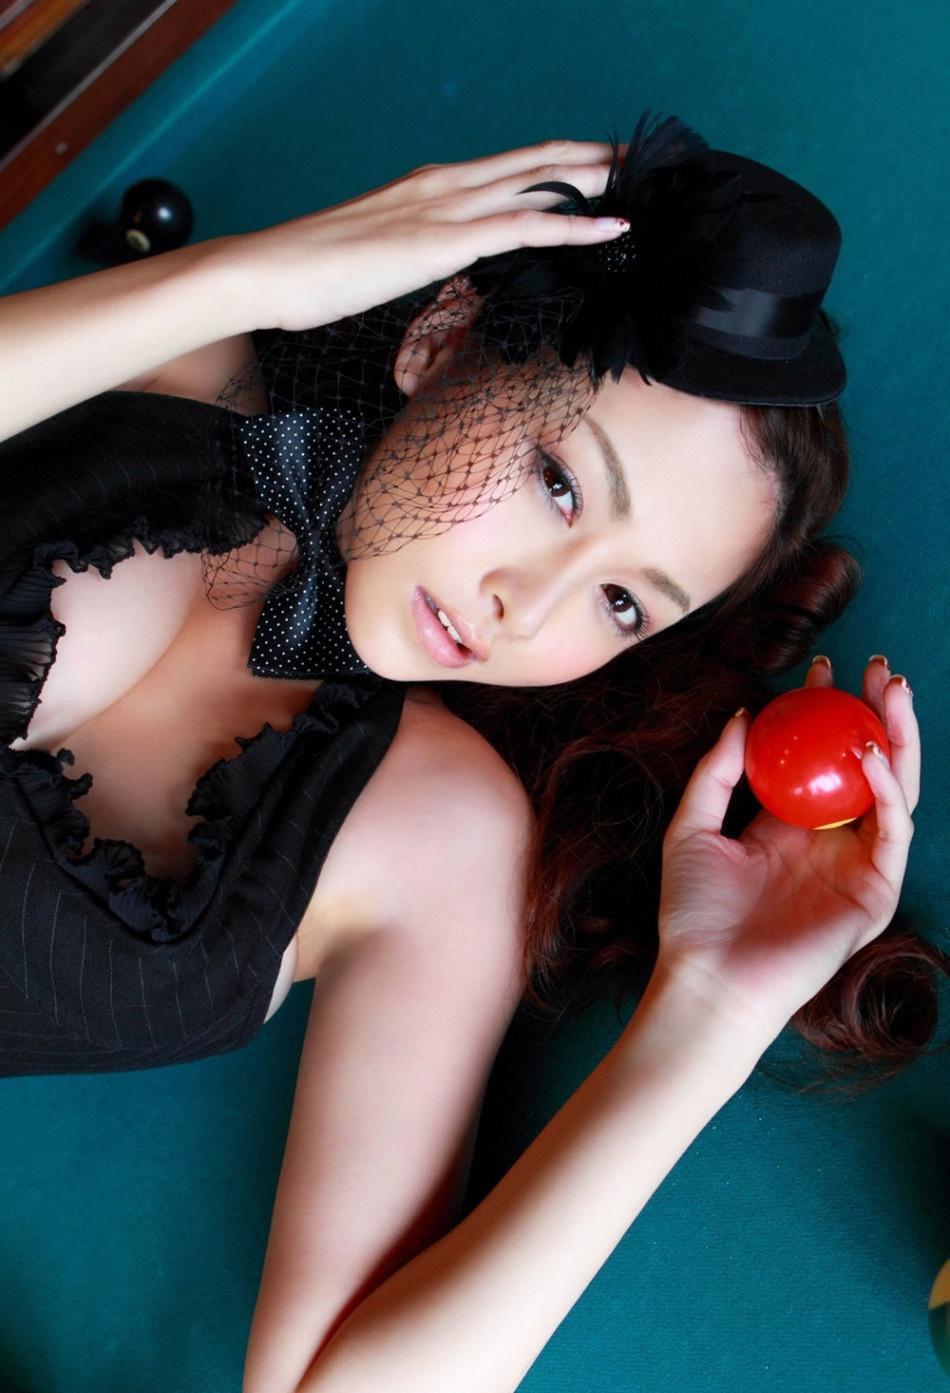 童颜堂_F罩美胸女神杉原杏璃俏皮写真 百变造型不变性感_明星写真_图集 ...